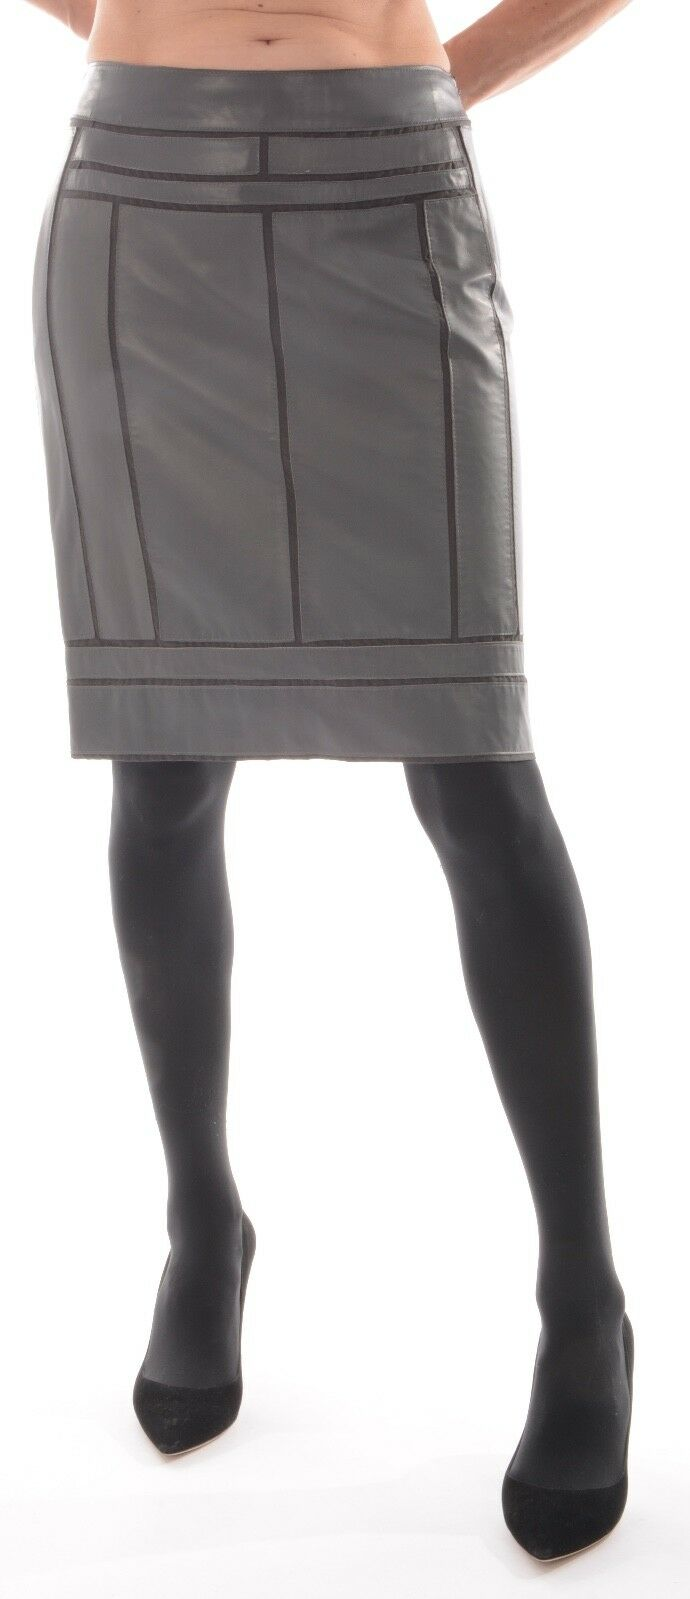 Loewe ROCK PELLE ROCK ROCK ROCK grigio in pelle esclusivo Matita Forma D 36 38 VVP 1290,- 3b42c0